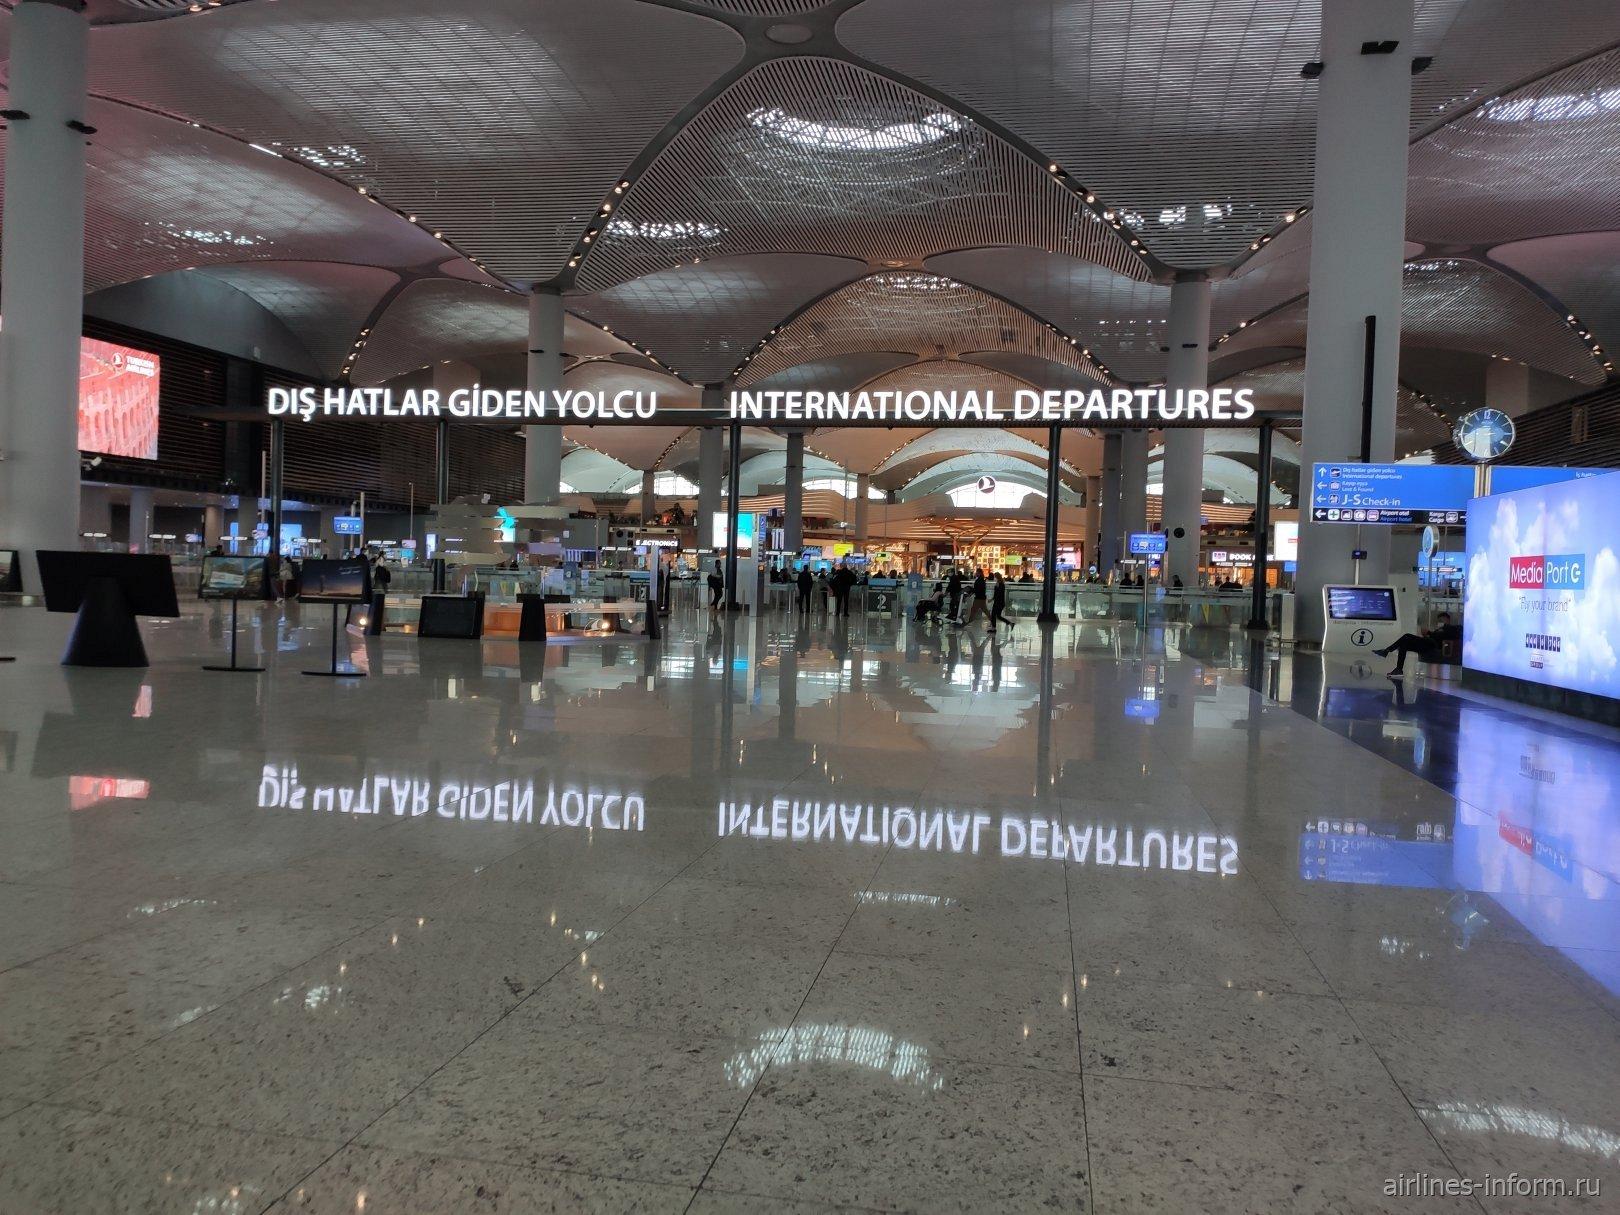 Вход в зону международных вылетов в терминале аэропорта Стамбул Новый